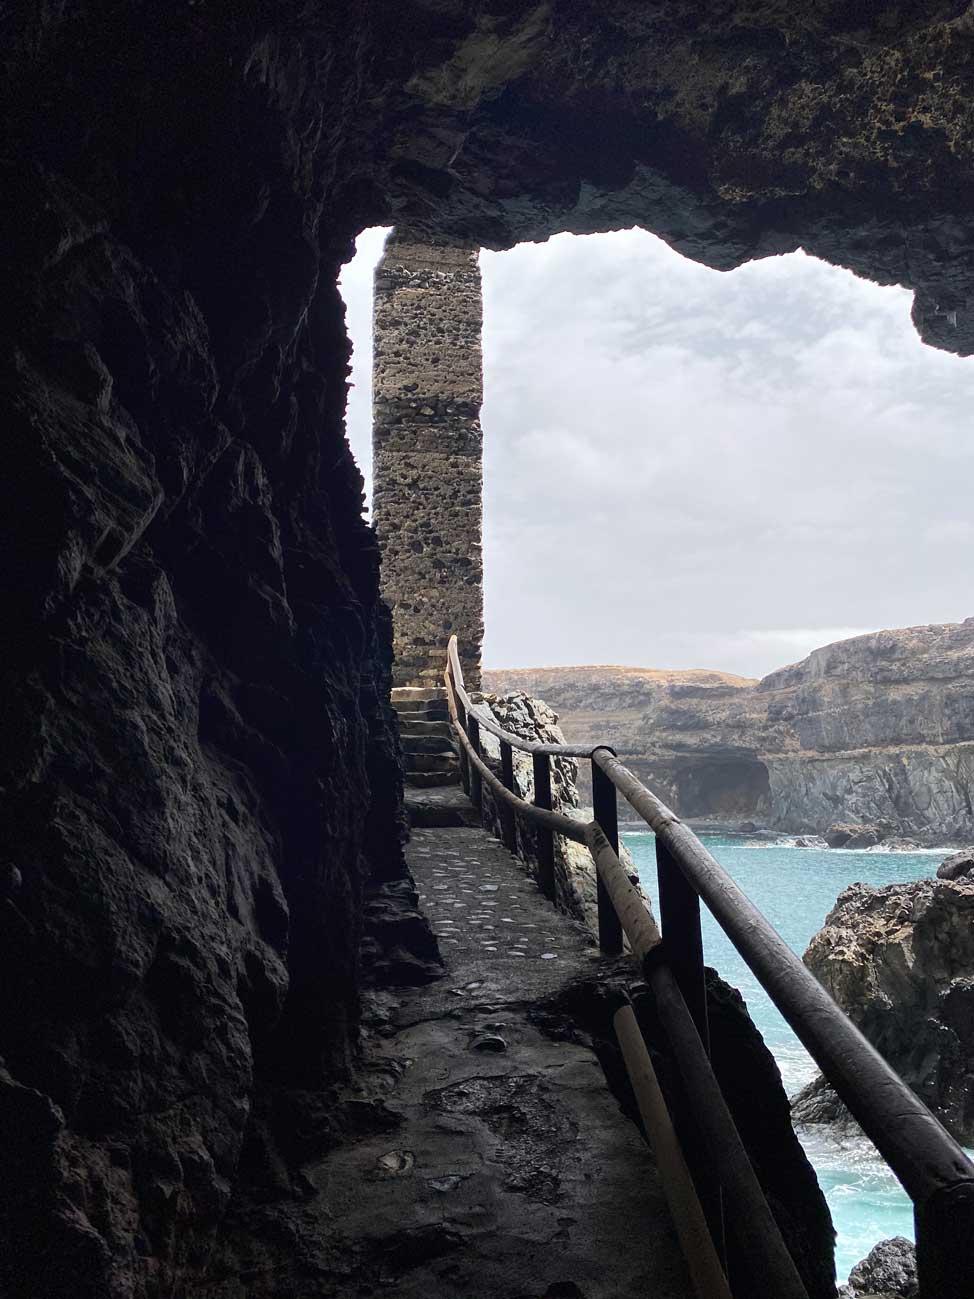 Excursión a las Cuevas de Ajuy, Fuerteventura | Macaronesia Fuerteventura